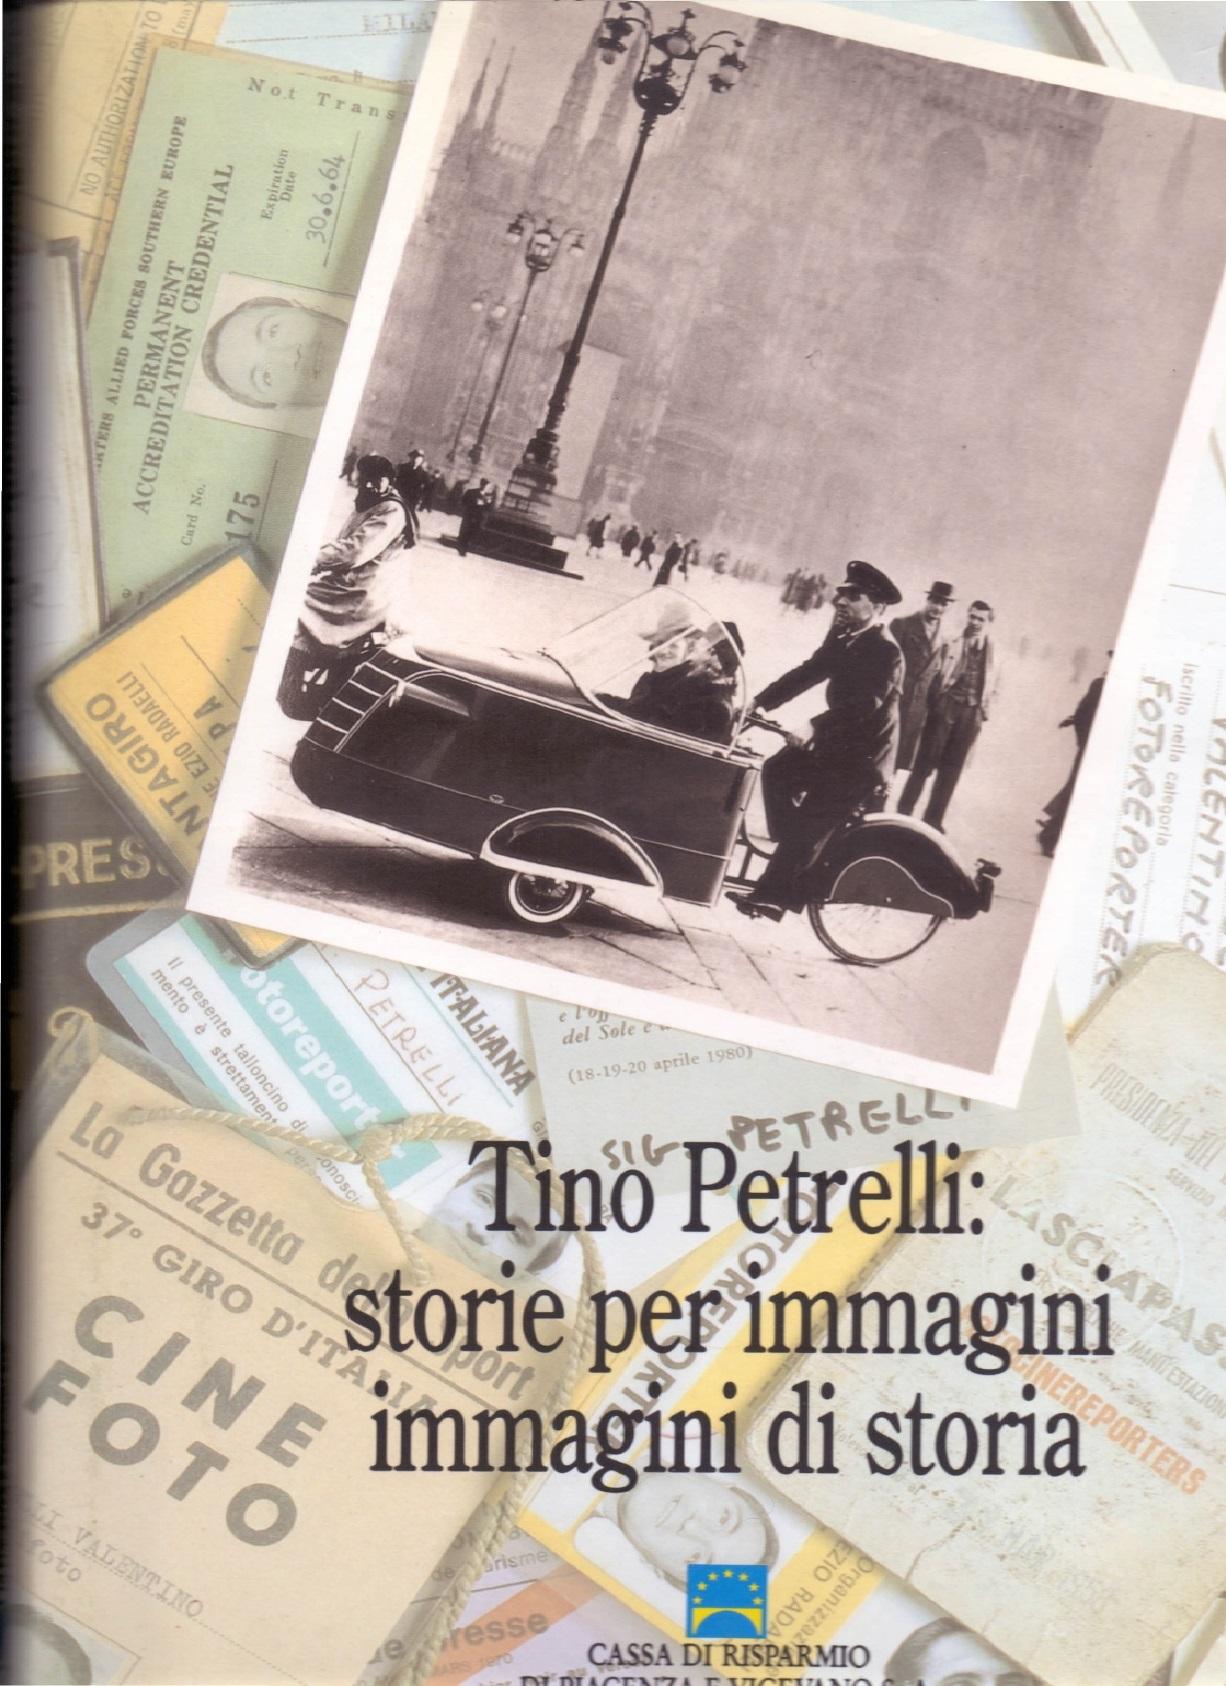 Tino Petrelli: storie per immagini, immagini di storia